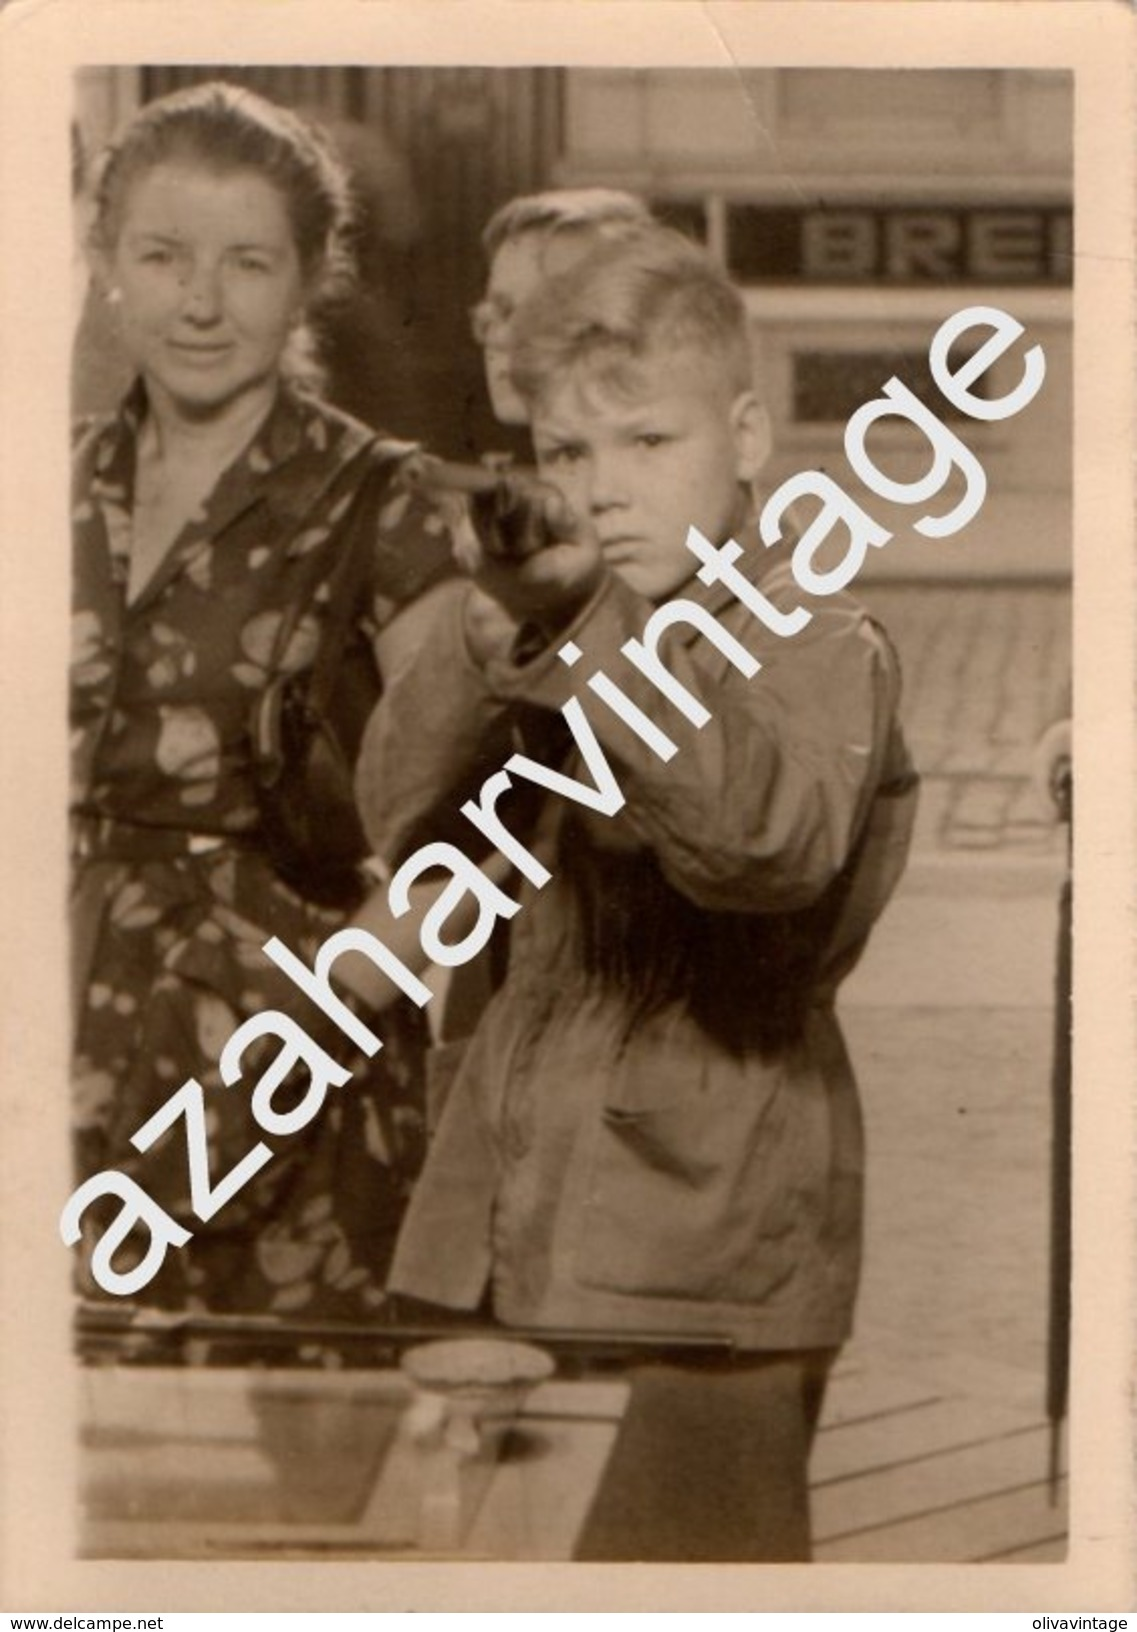 TIR A LA CARABINE PHOTO DE FOIRE FETE FORAINE STAND DE TIR MONTAGE PHOTO SURREALISME,75X105MM - Personnes Anonymes